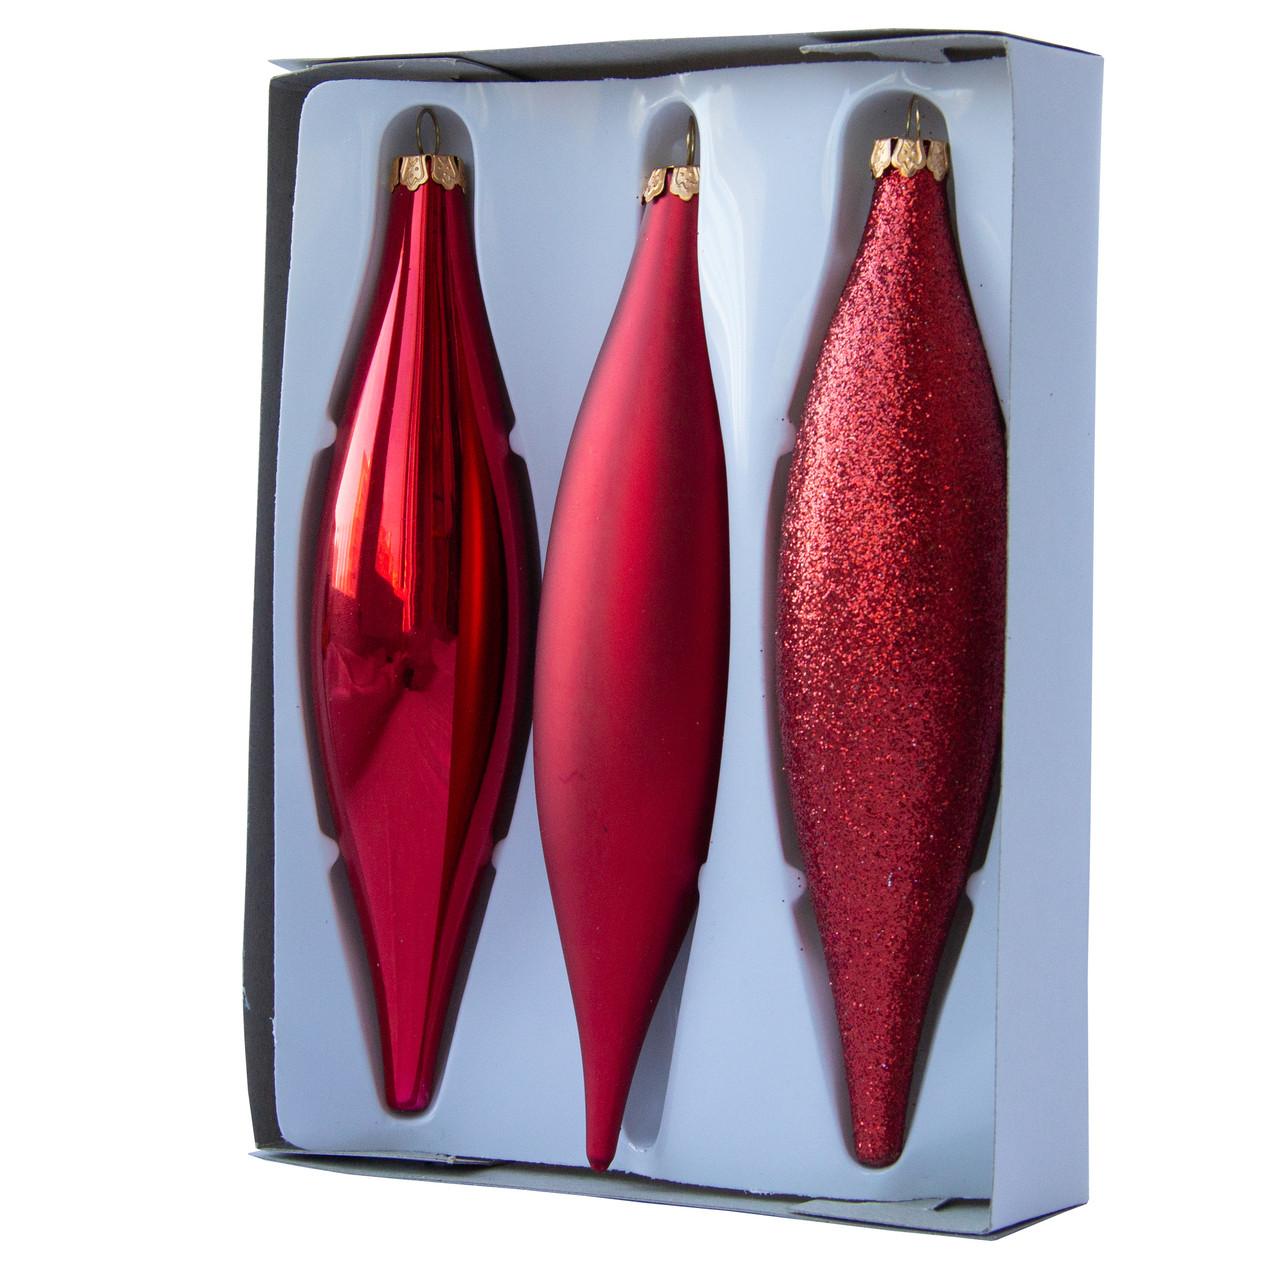 Набор елочных игрушек - сосульки, 3 шт, 3*15 см, красный, стекло (390120-3)